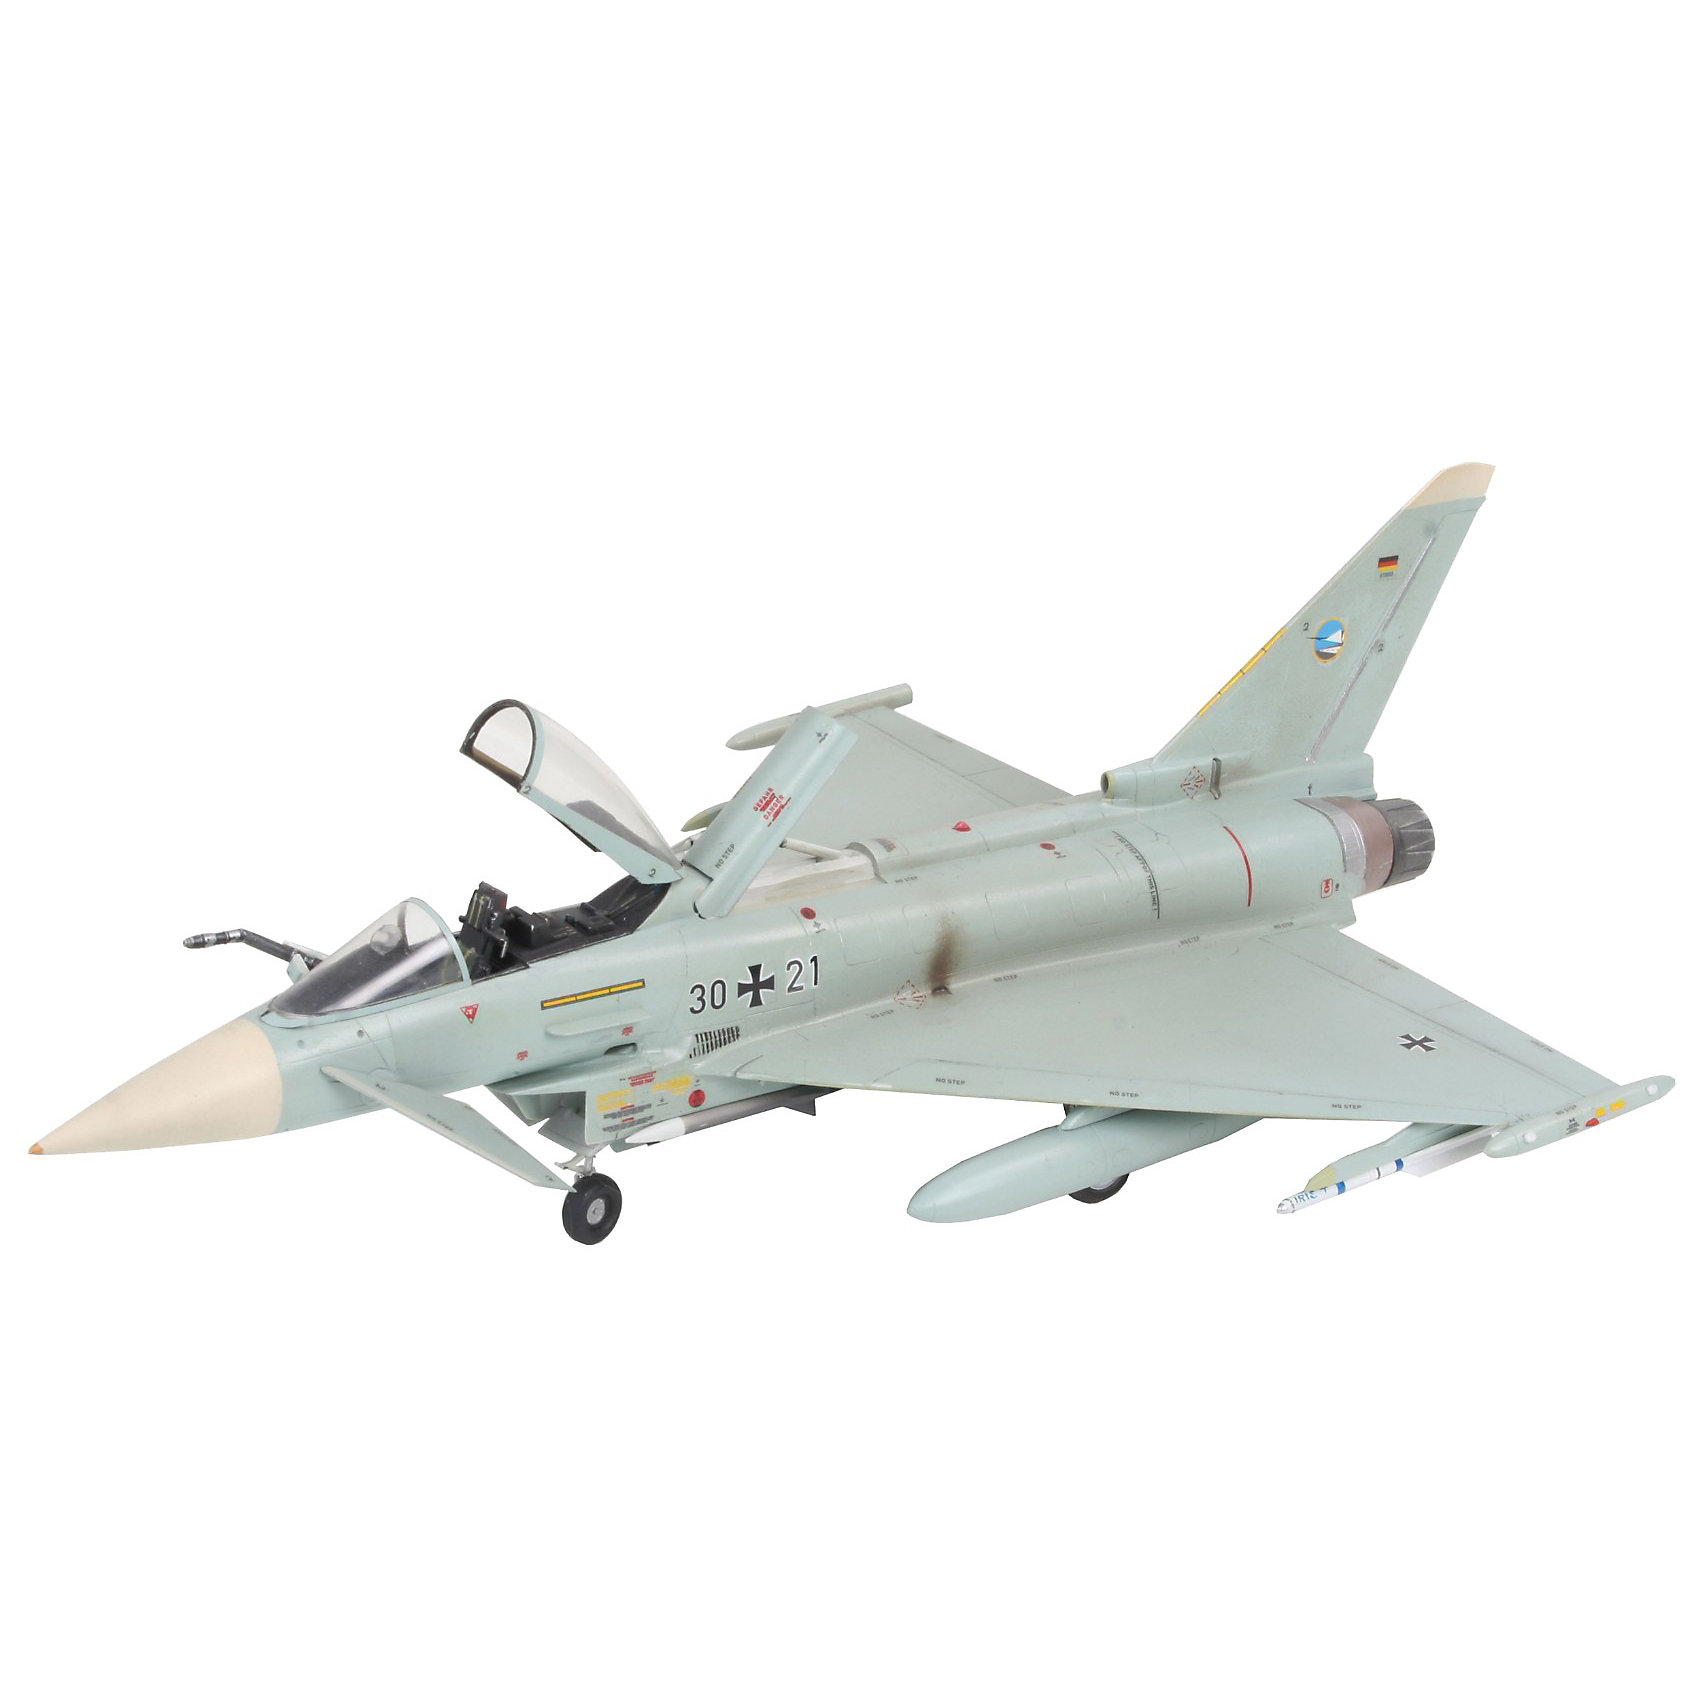 Одноместный истребитель Eurofighter TyphoonМодели для склеивания<br>Модель многоцелевого самолета Eurofighter Typhoon. Опытный образец самолета четвертого поколения впервые поднялся в воздух в 1994 году. С 2003 года Eurofighter стал поступать в эскадрильи ВВС ряда европейских стран. Всего было построено 355 машин <br>Самолет вооружен 27-мм пушкой Маузер BK-27. Кроме того, Eurofighter способен нести ракеты и бомбы общим весом в 6500 кг <br>Масштаб: 1:72 <br>Количество деталей: 170 <br>Длина модели: 220 мм <br>Размах крыльев: 154 мм <br>Подойдет для детей старше 10-и лет <br>Клей и краски в комплект не входят.<br><br>Ширина мм: 351<br>Глубина мм: 212<br>Высота мм: 44<br>Вес г: 310<br>Возраст от месяцев: 168<br>Возраст до месяцев: 1164<br>Пол: Мужской<br>Возраст: Детский<br>SKU: 1772635